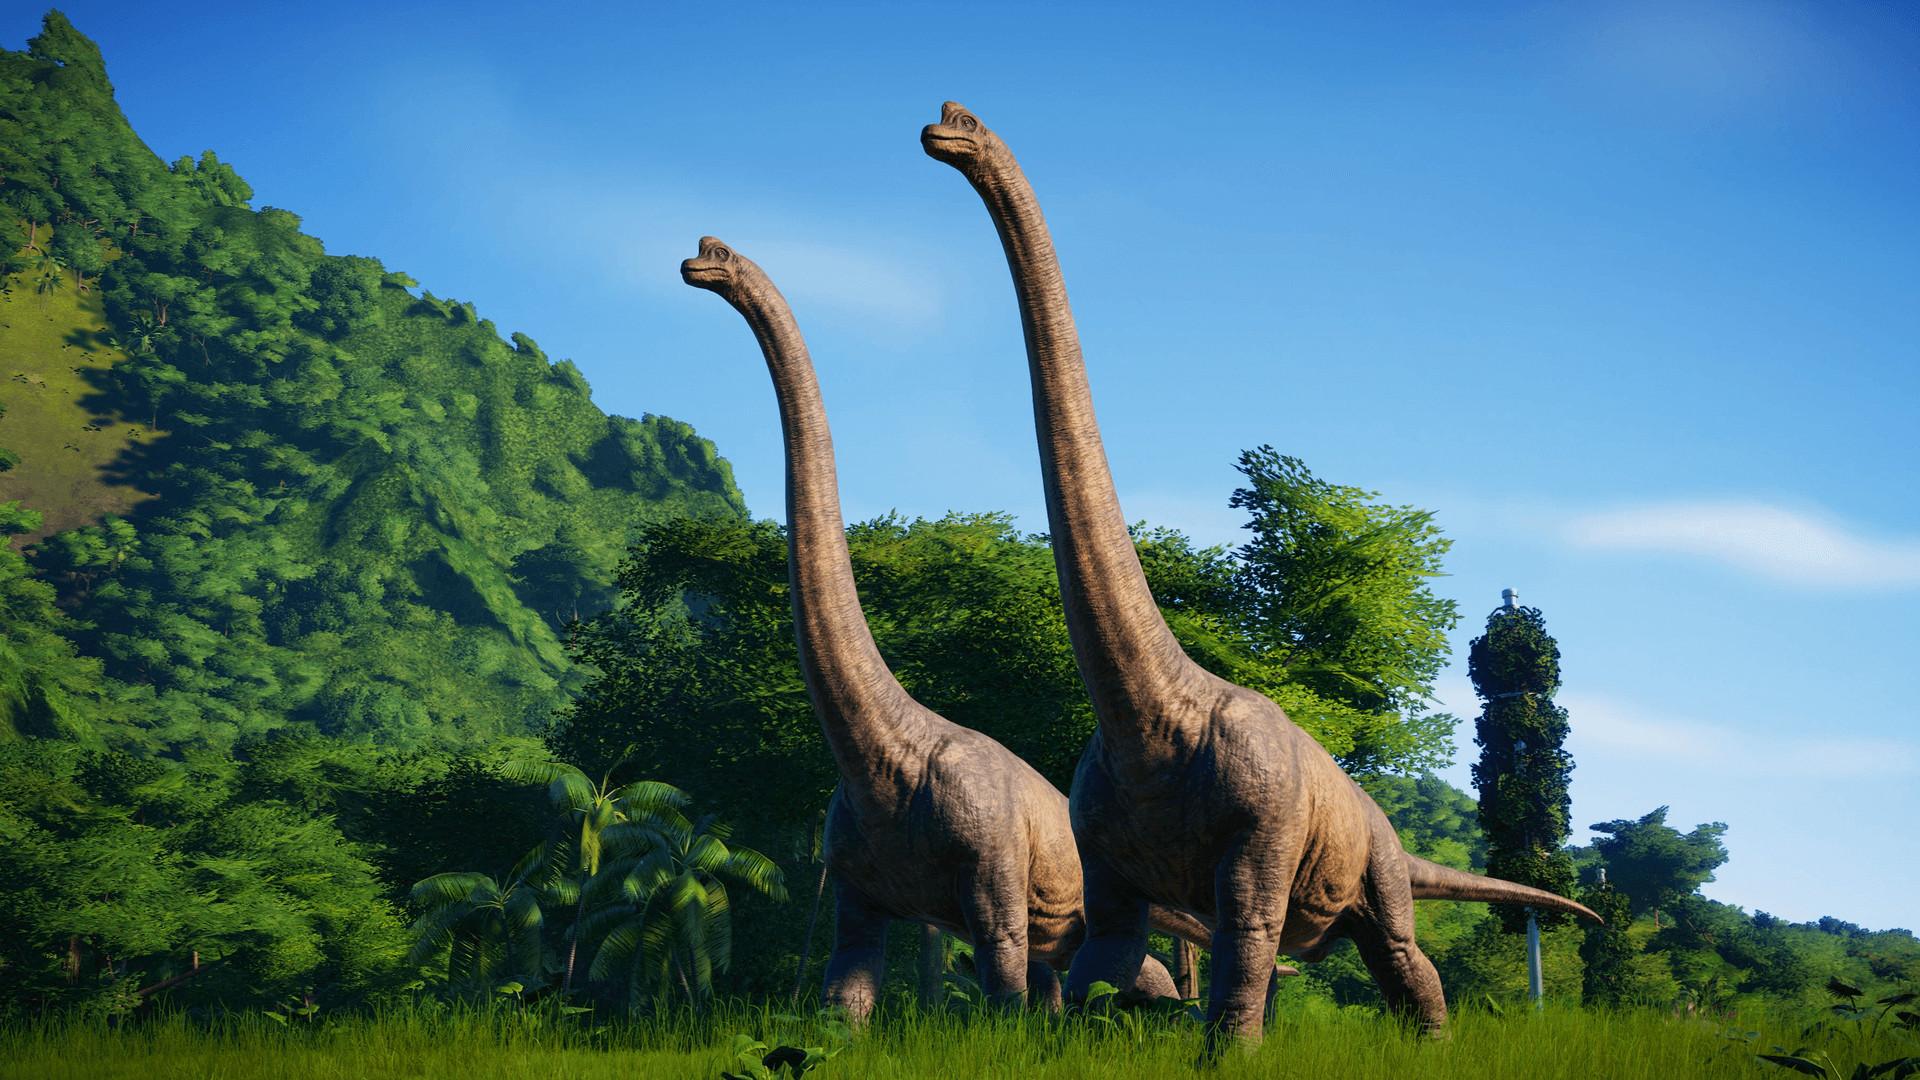 سی دی کی اریجینال استیم بازی Jurassic World Evolution - Deluxe Edition